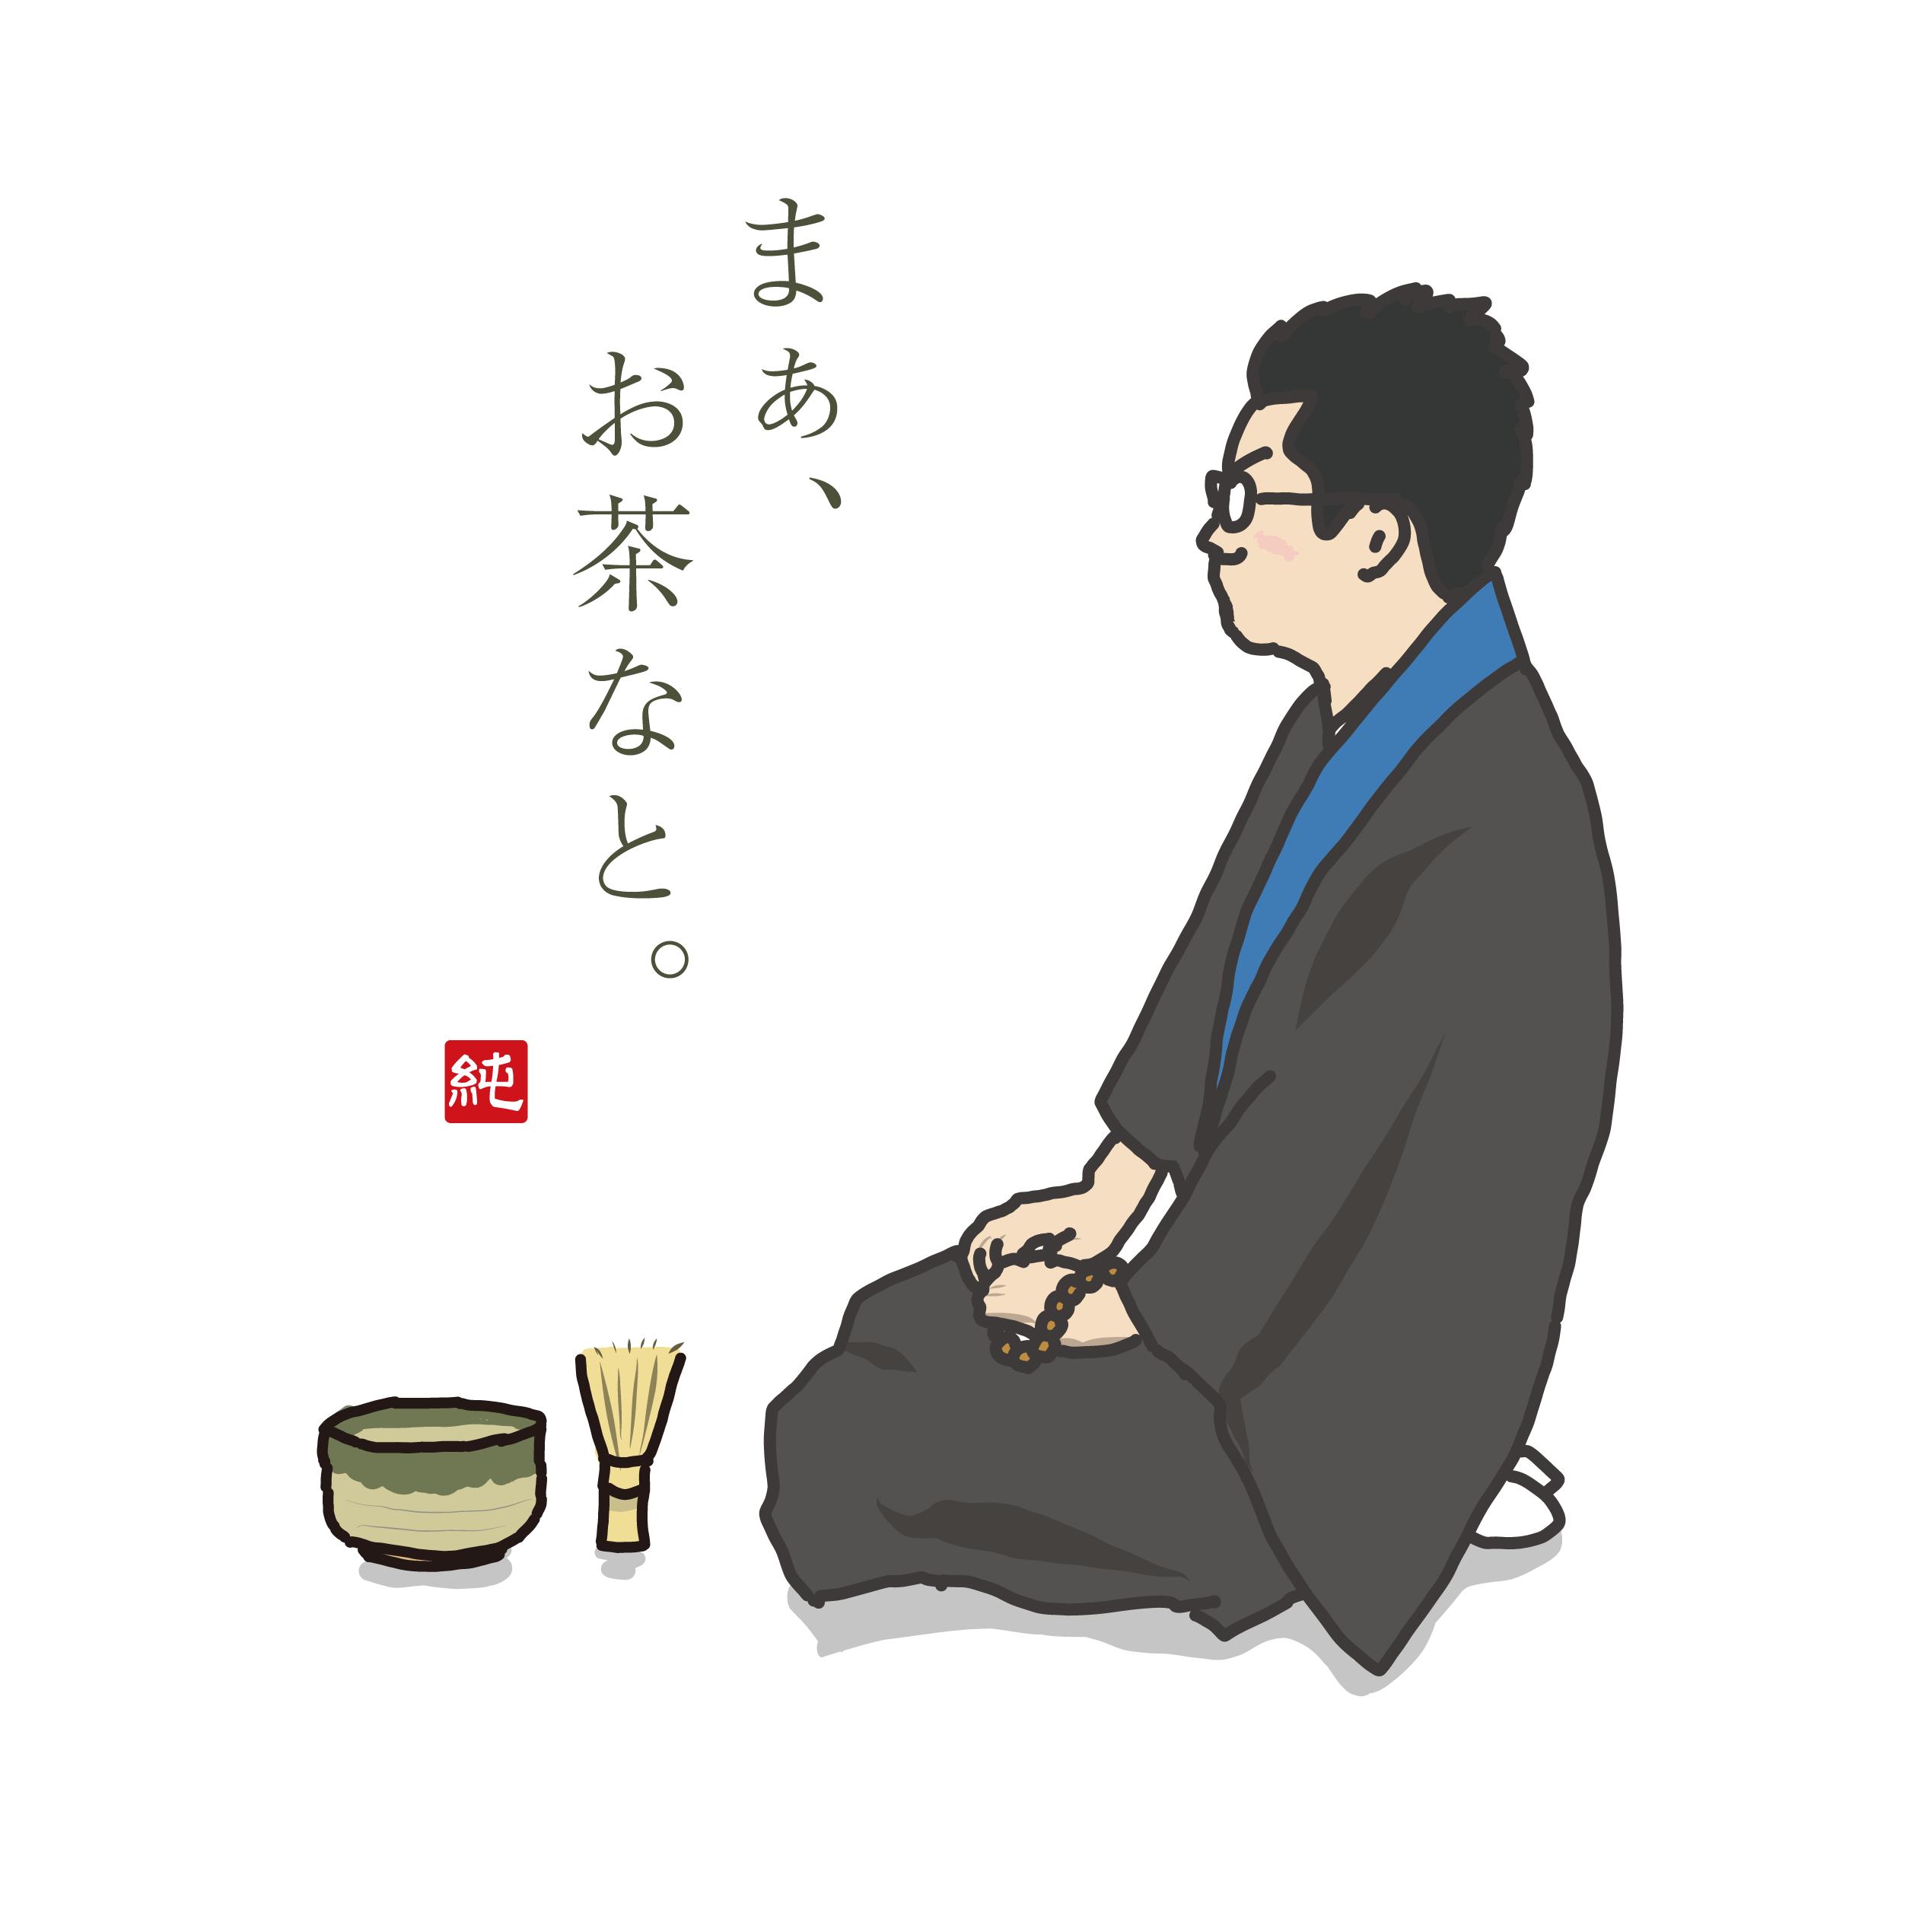 豅 純吾(ながたに じゅんご)